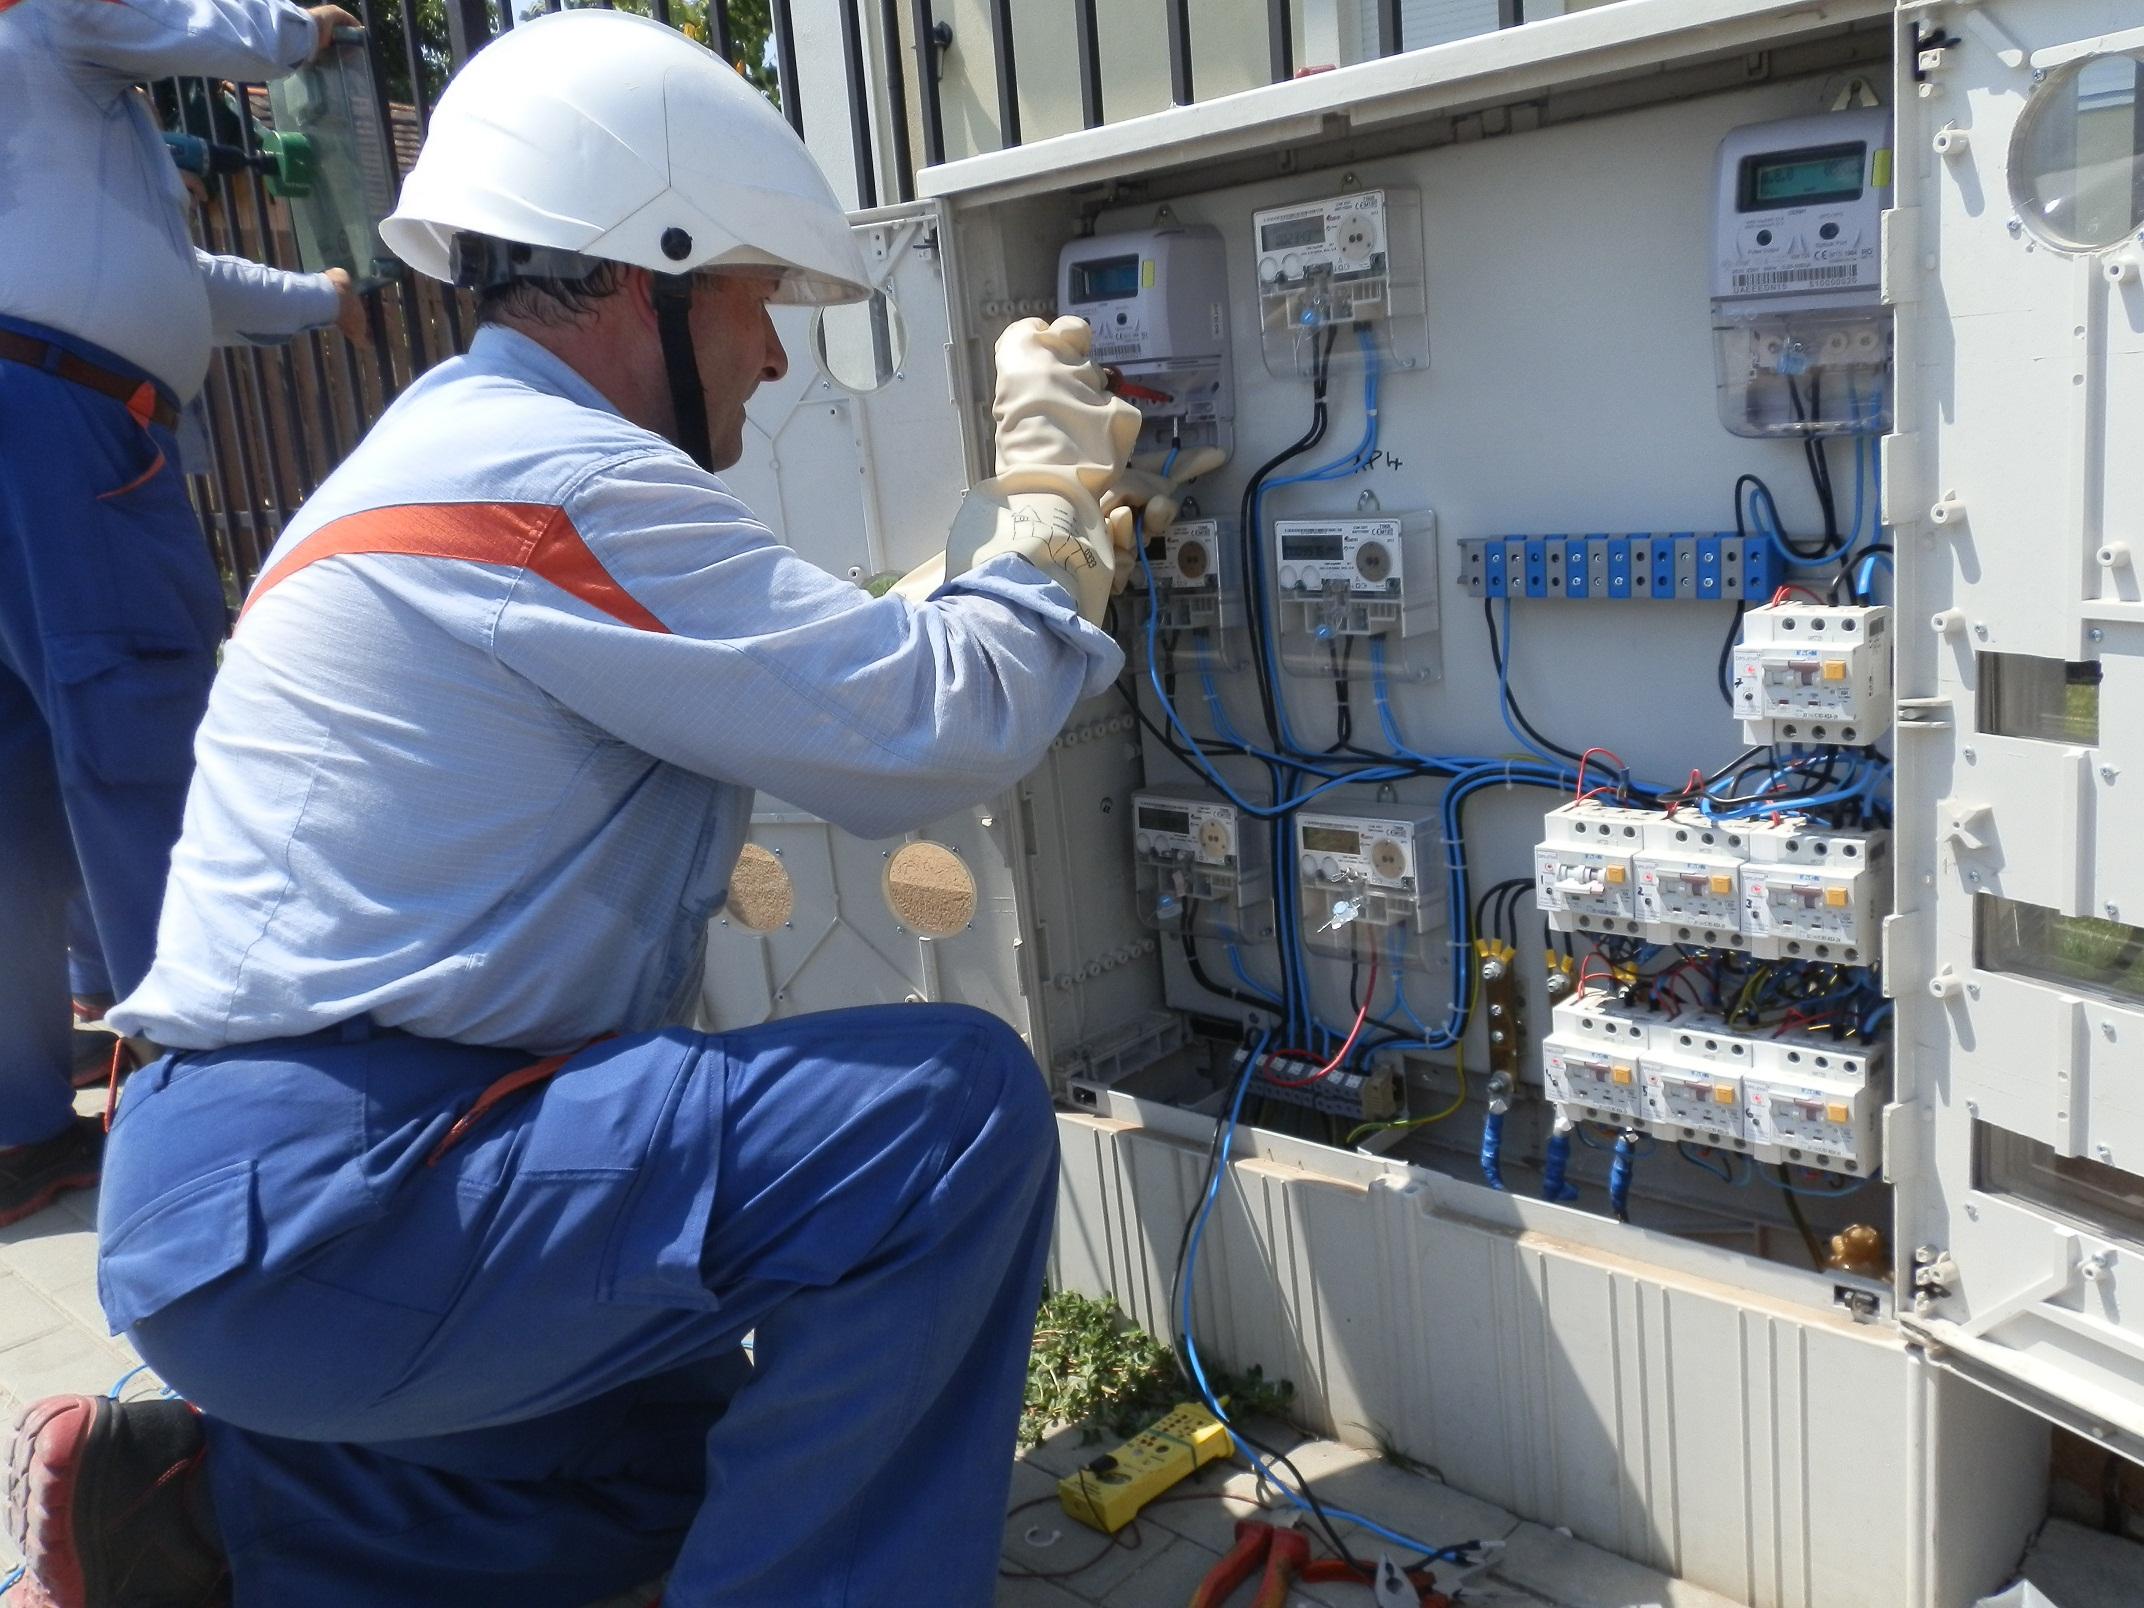 Tarifele de distribuţie a energiei electrice cresc de la 1 martie, ca urmare a taxei de 2% pe cifra de afaceri, pe care Guvernul anunţase că o prorogă